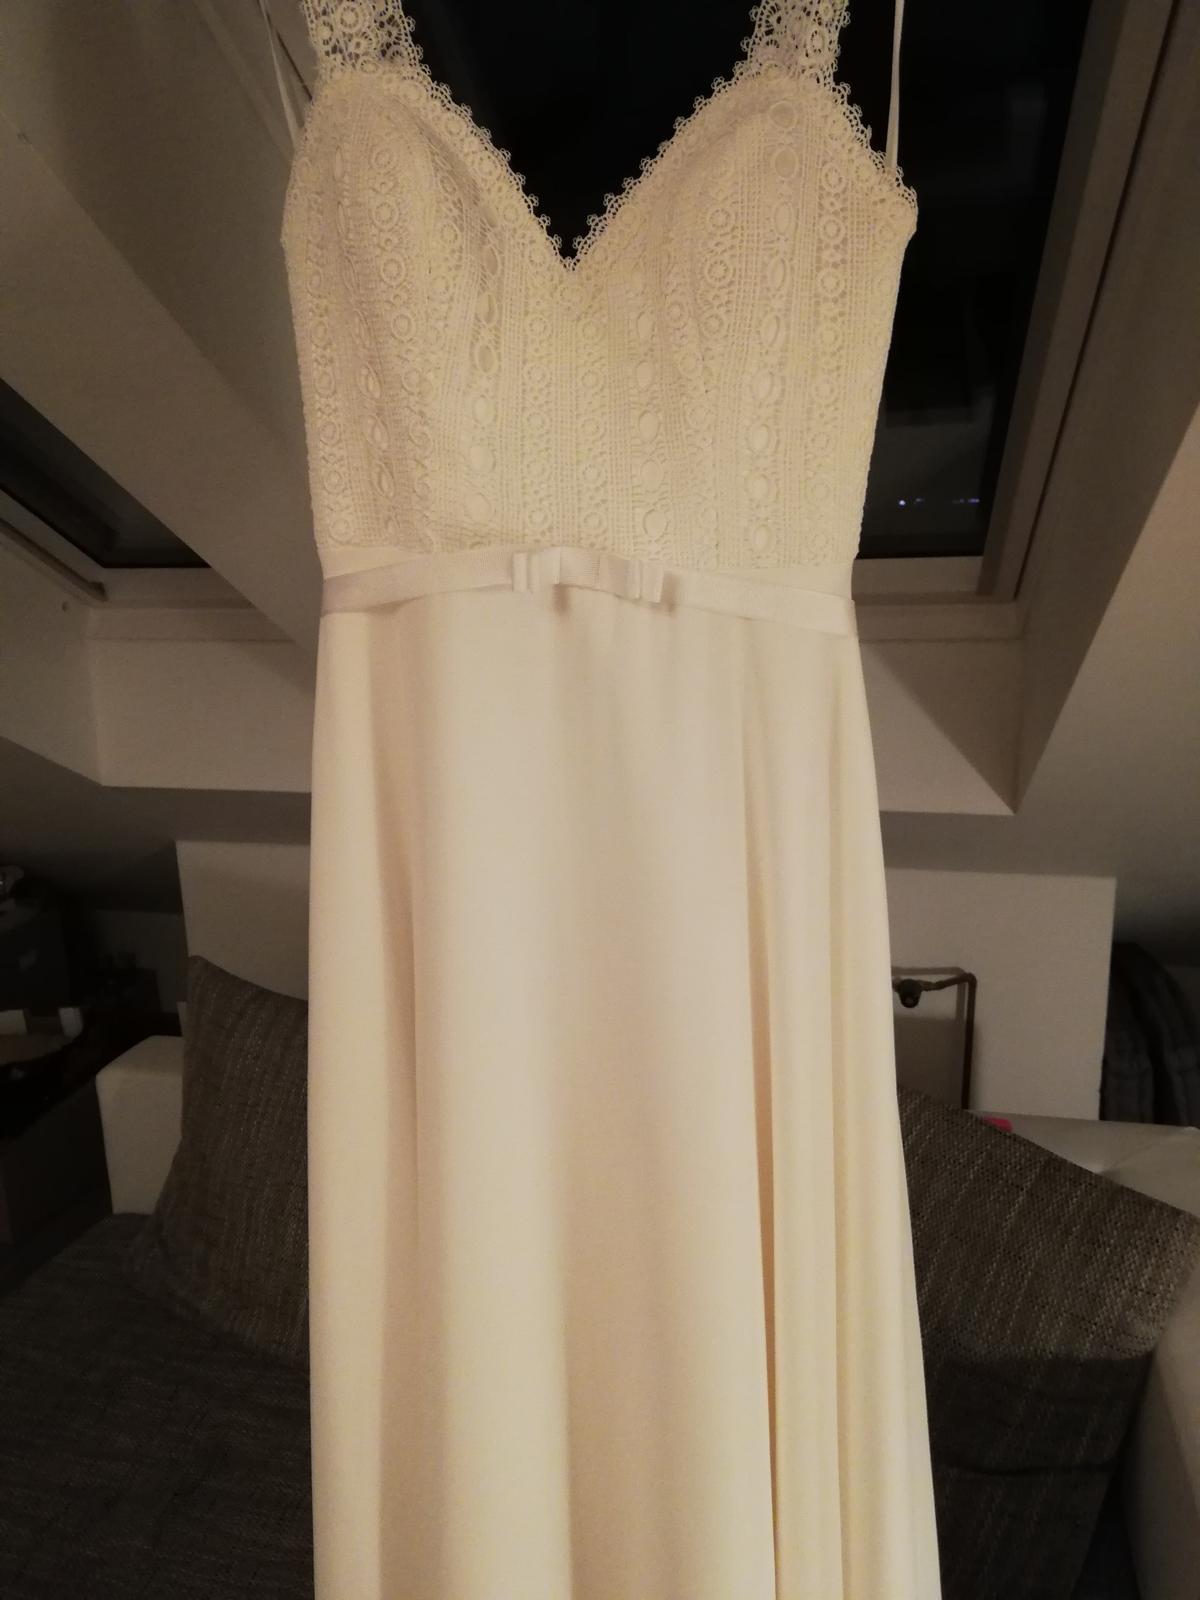 Svatební šaty Blanca vel. 36 - Obrázek č. 4